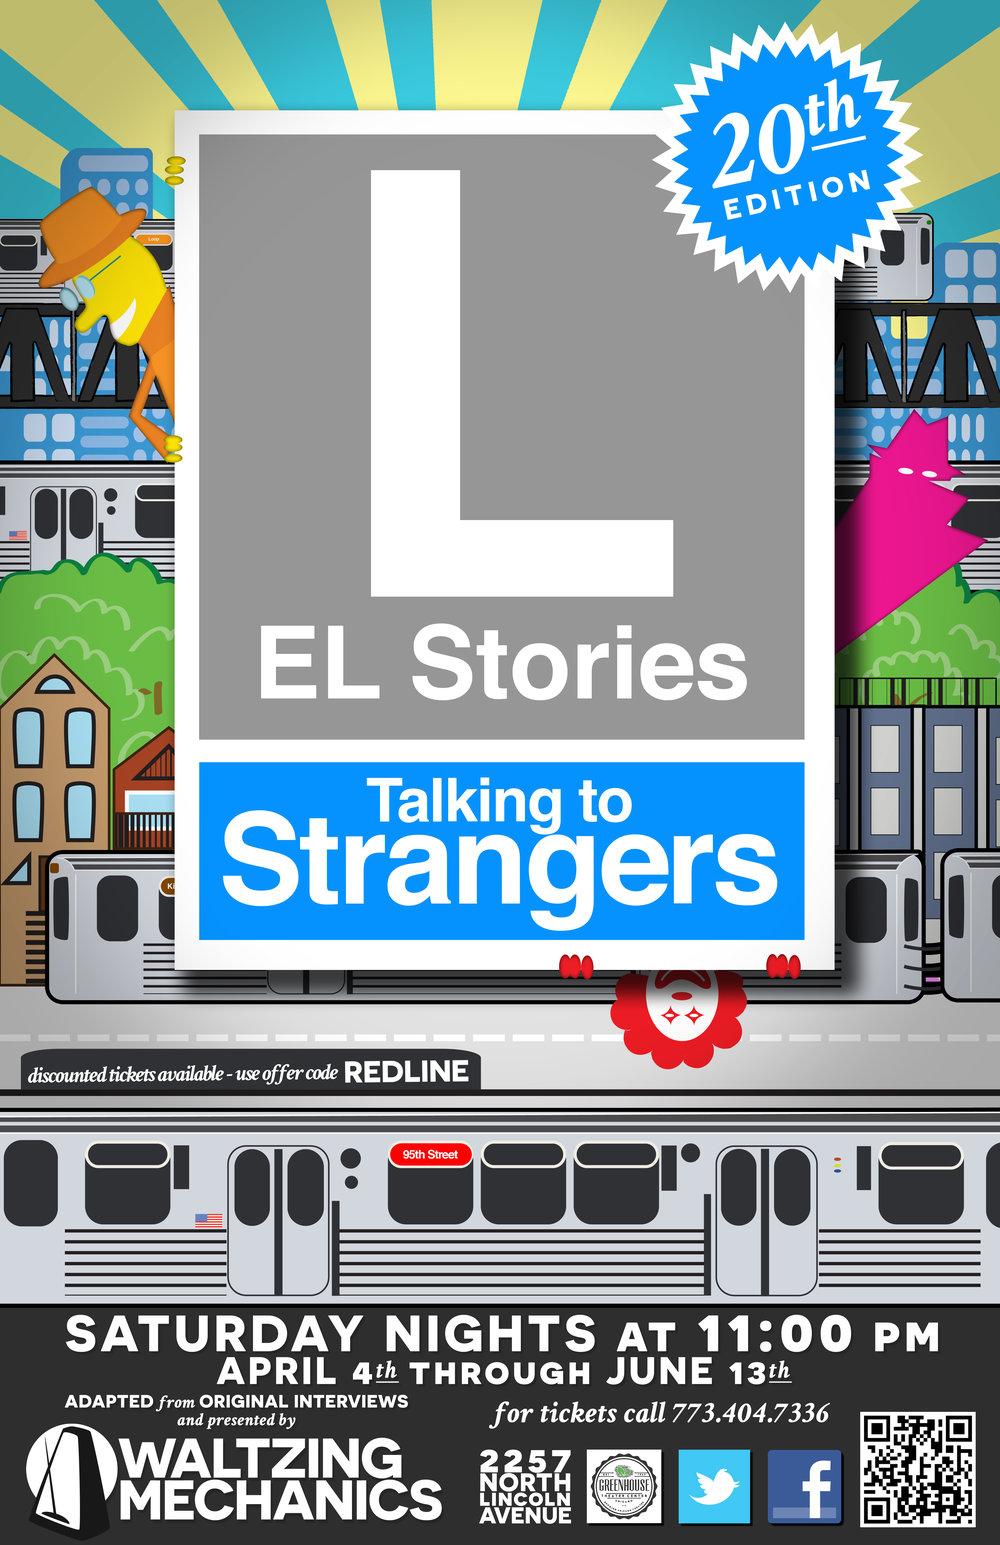 EL Stories 20